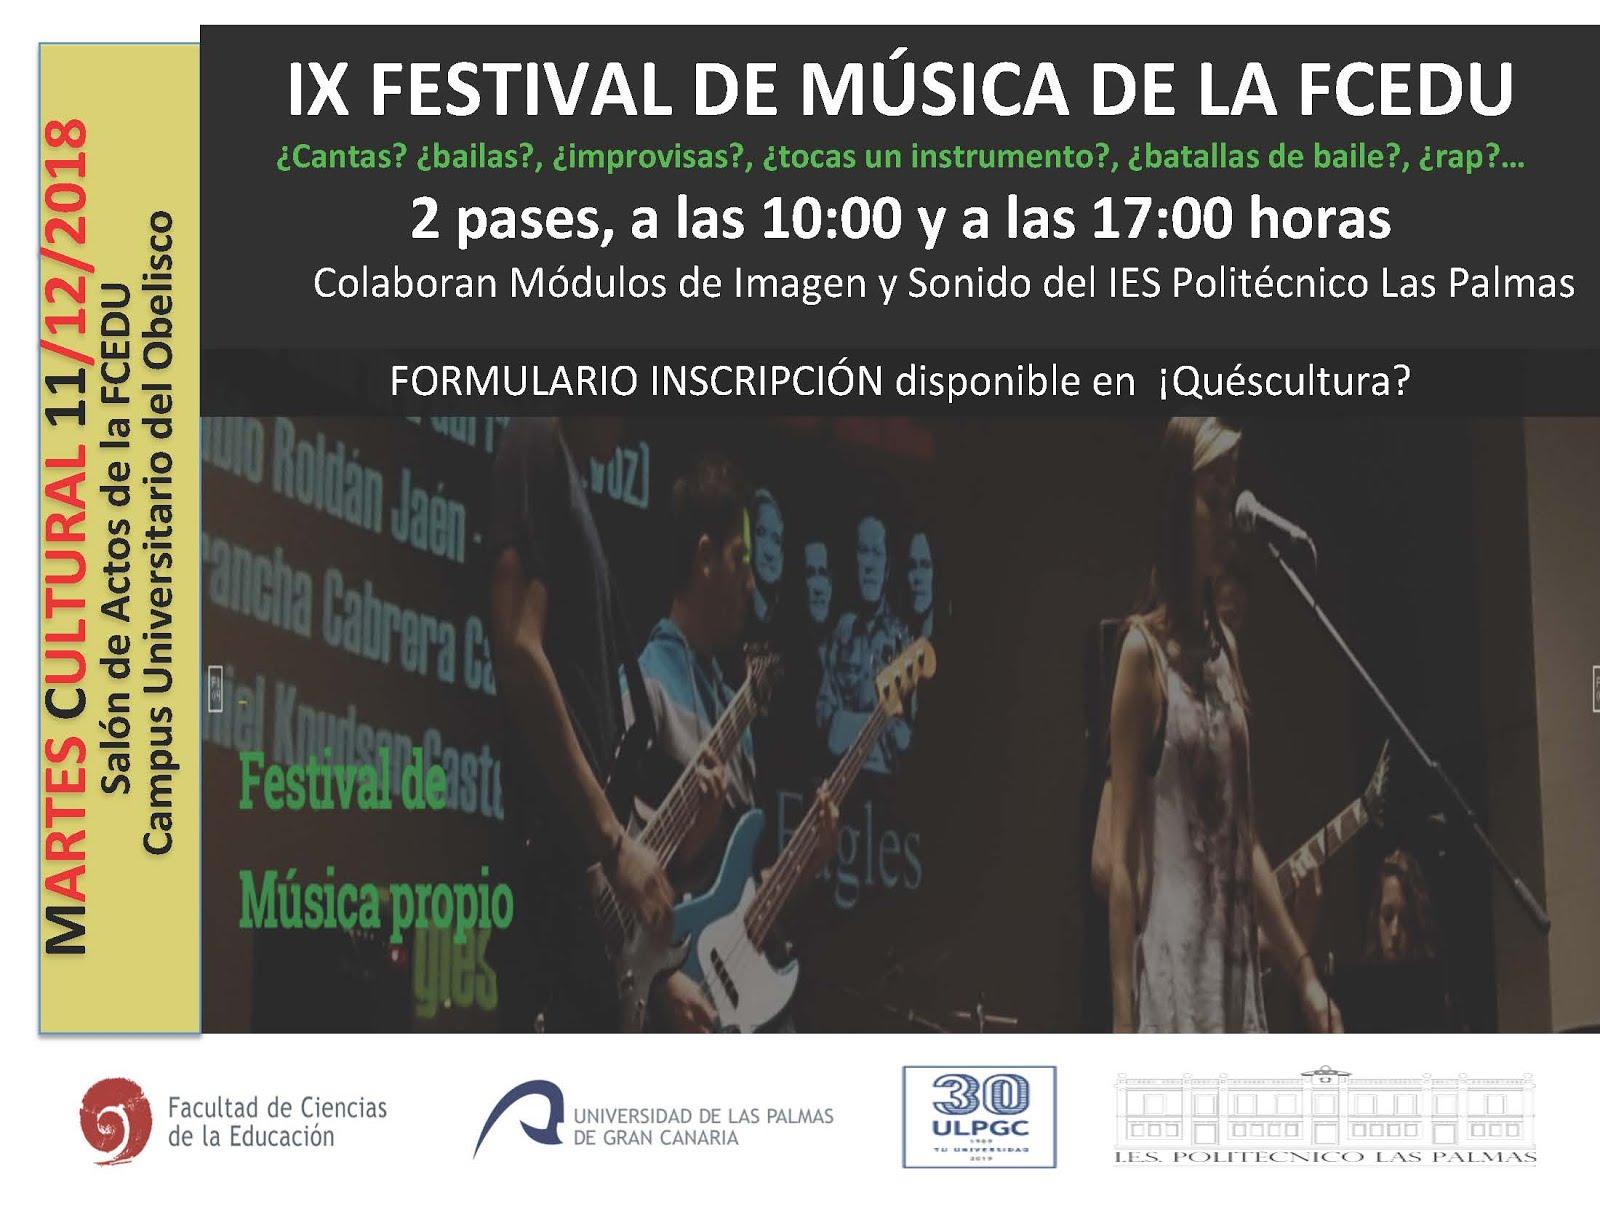 IX FESTIVAL DE MÚSICA DE LA FCEDU